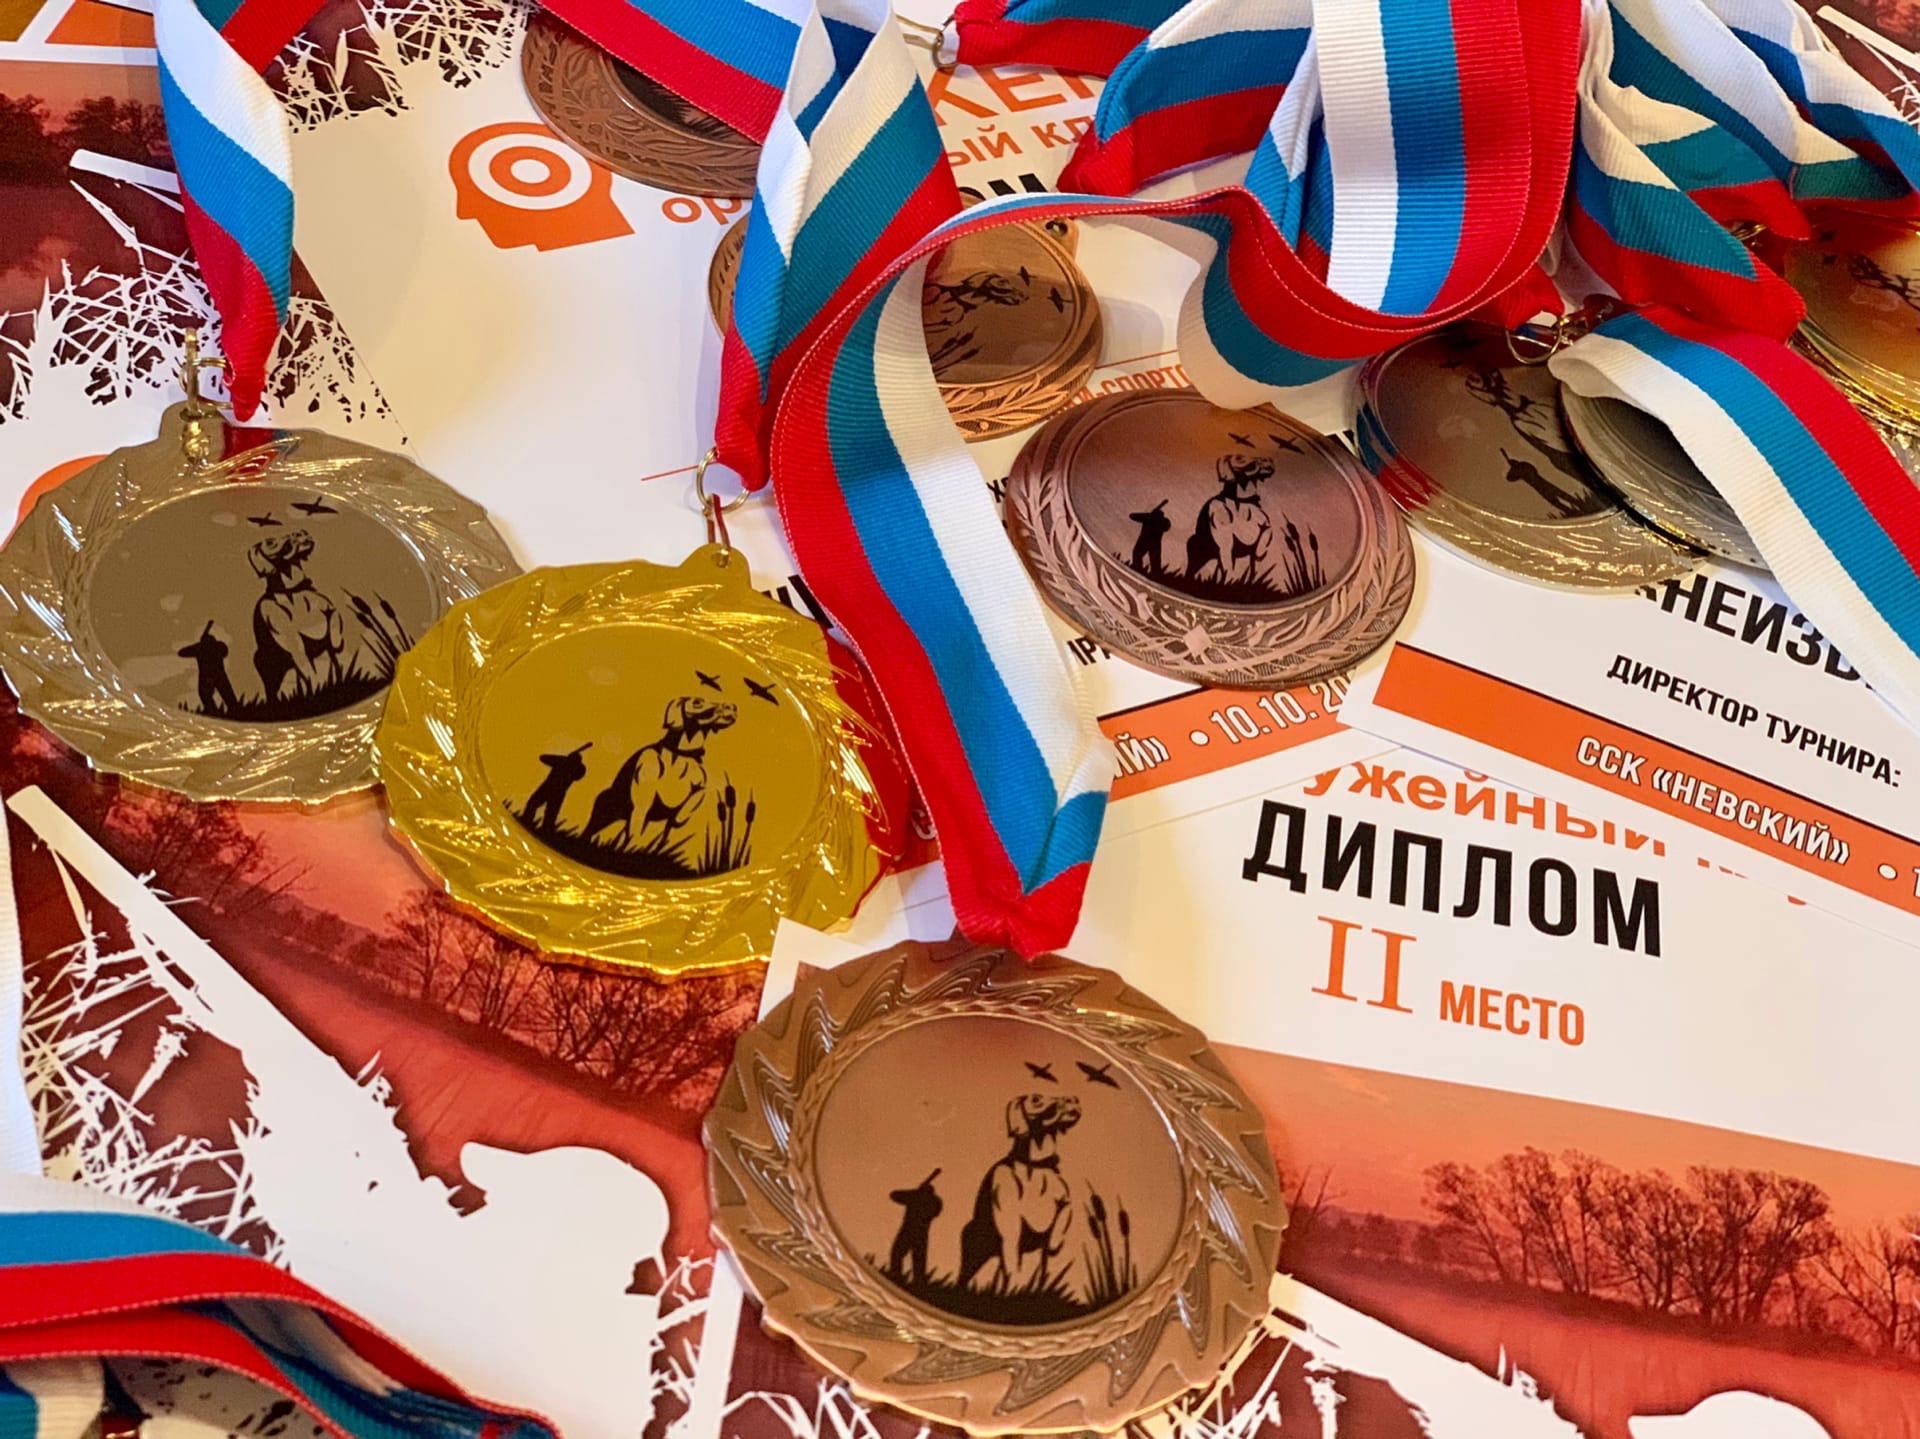 Результаты  турнира: «Неизвестный вылет», 10.10.21 г, ССК «Невский»